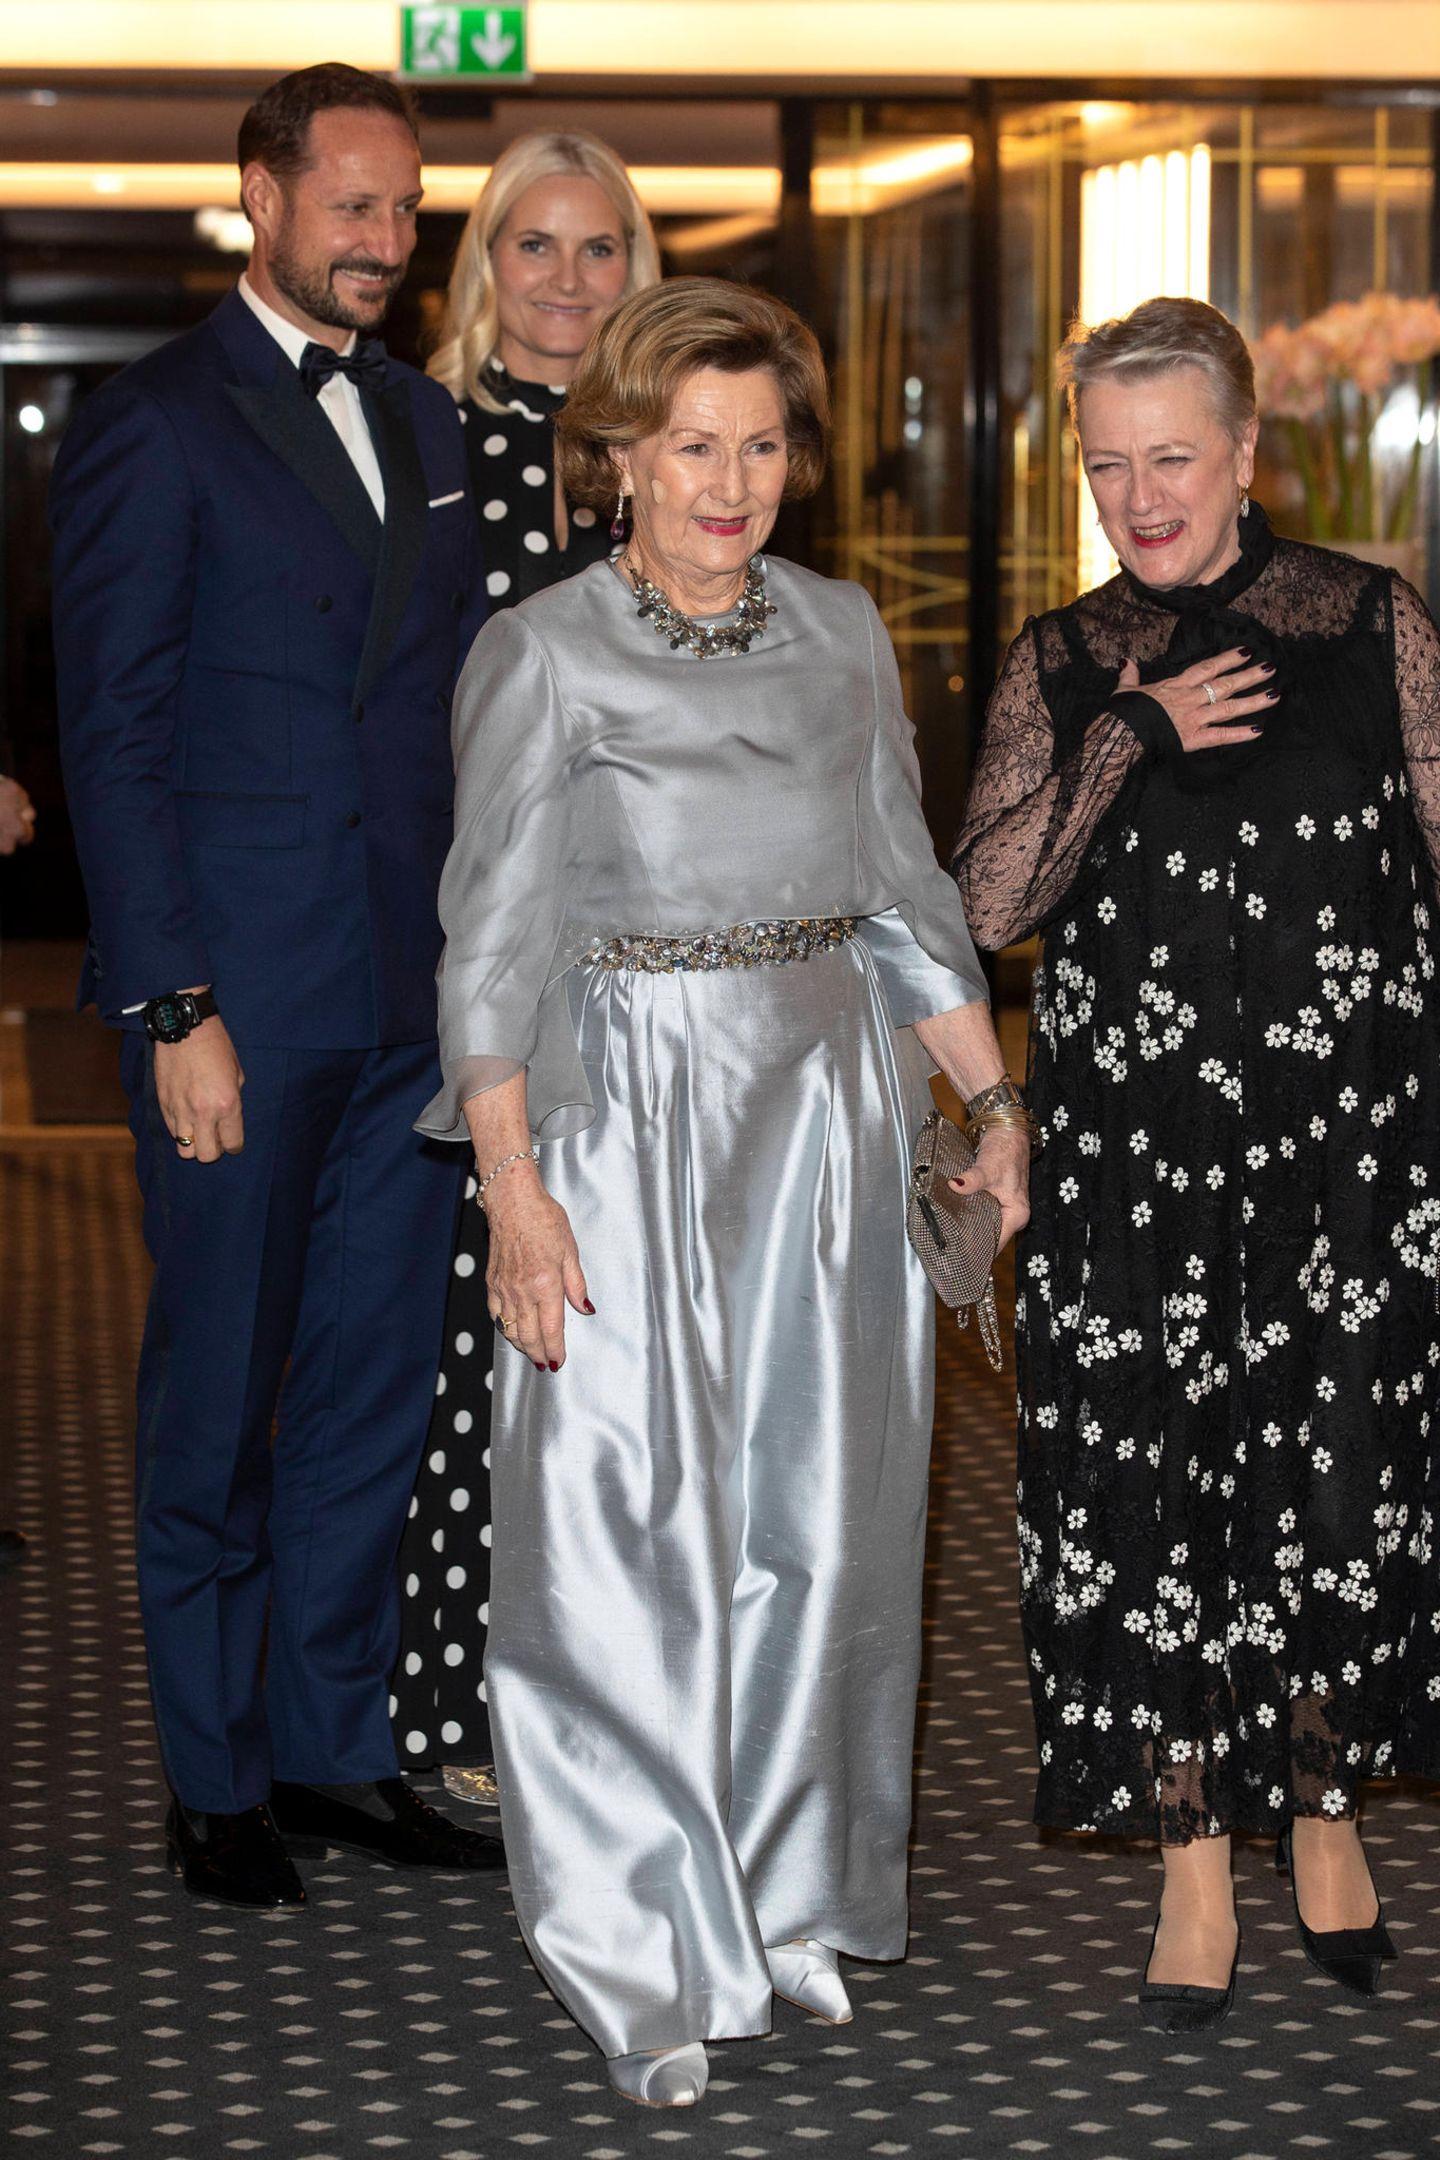 Königin Sonja glänzt von Kopf bis Fuß im silbernen Metallic-Look.